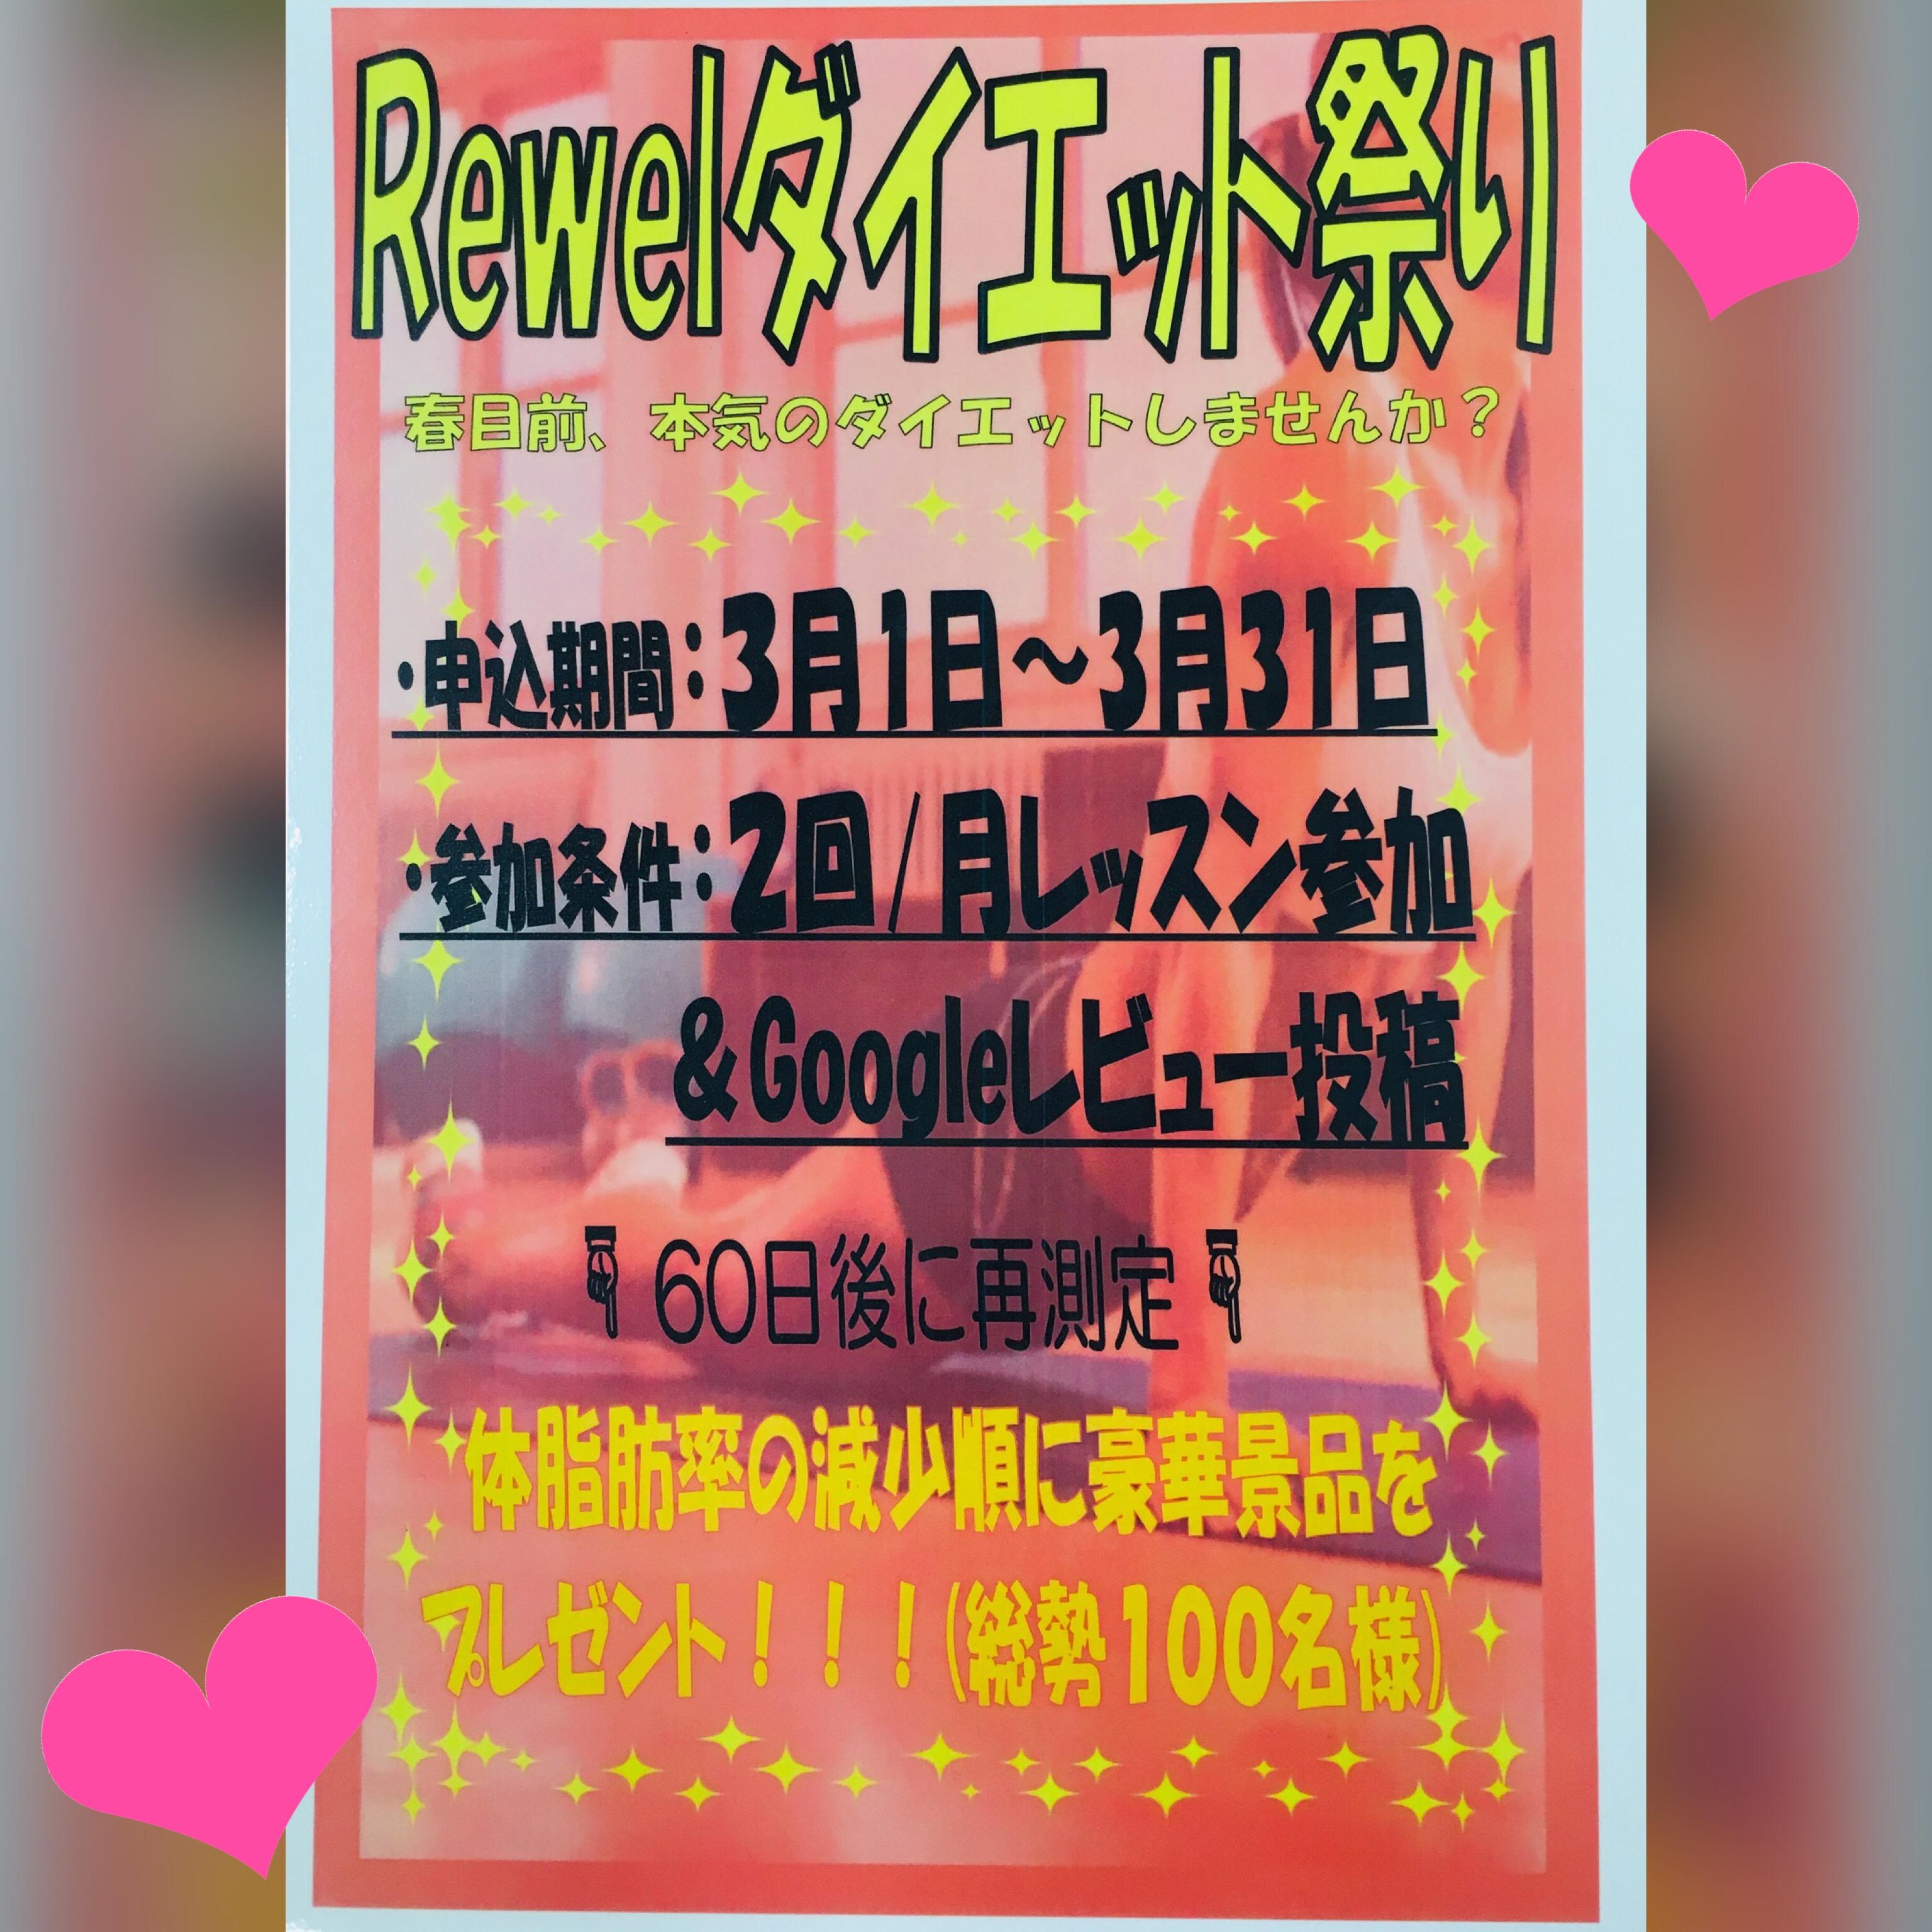 Rewelダイエット祭りを開催します!!!